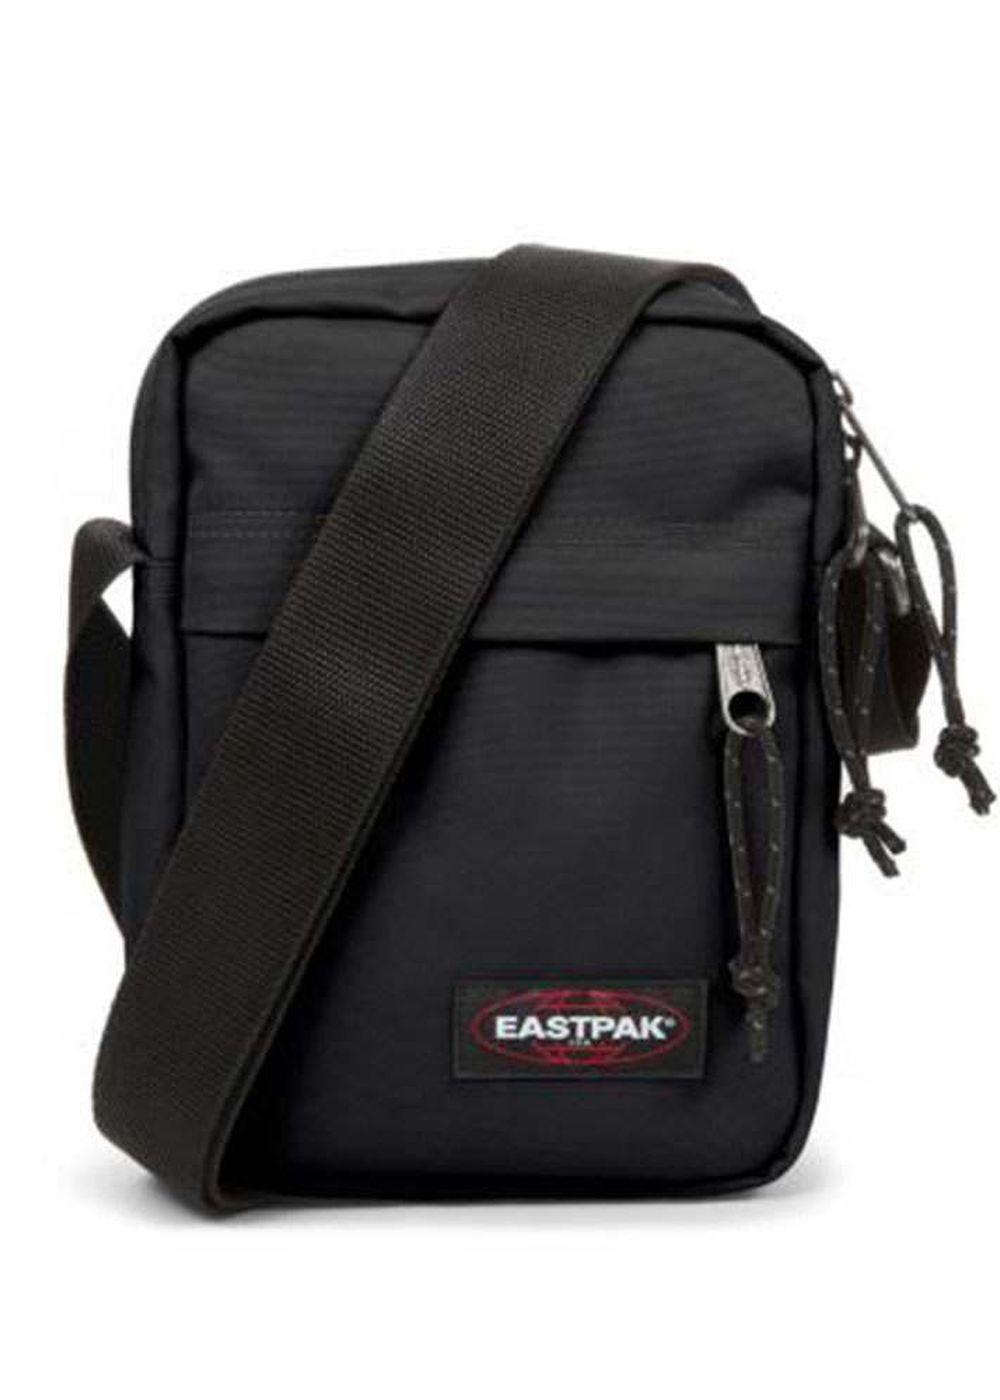 eastpak the one shoulder bag black